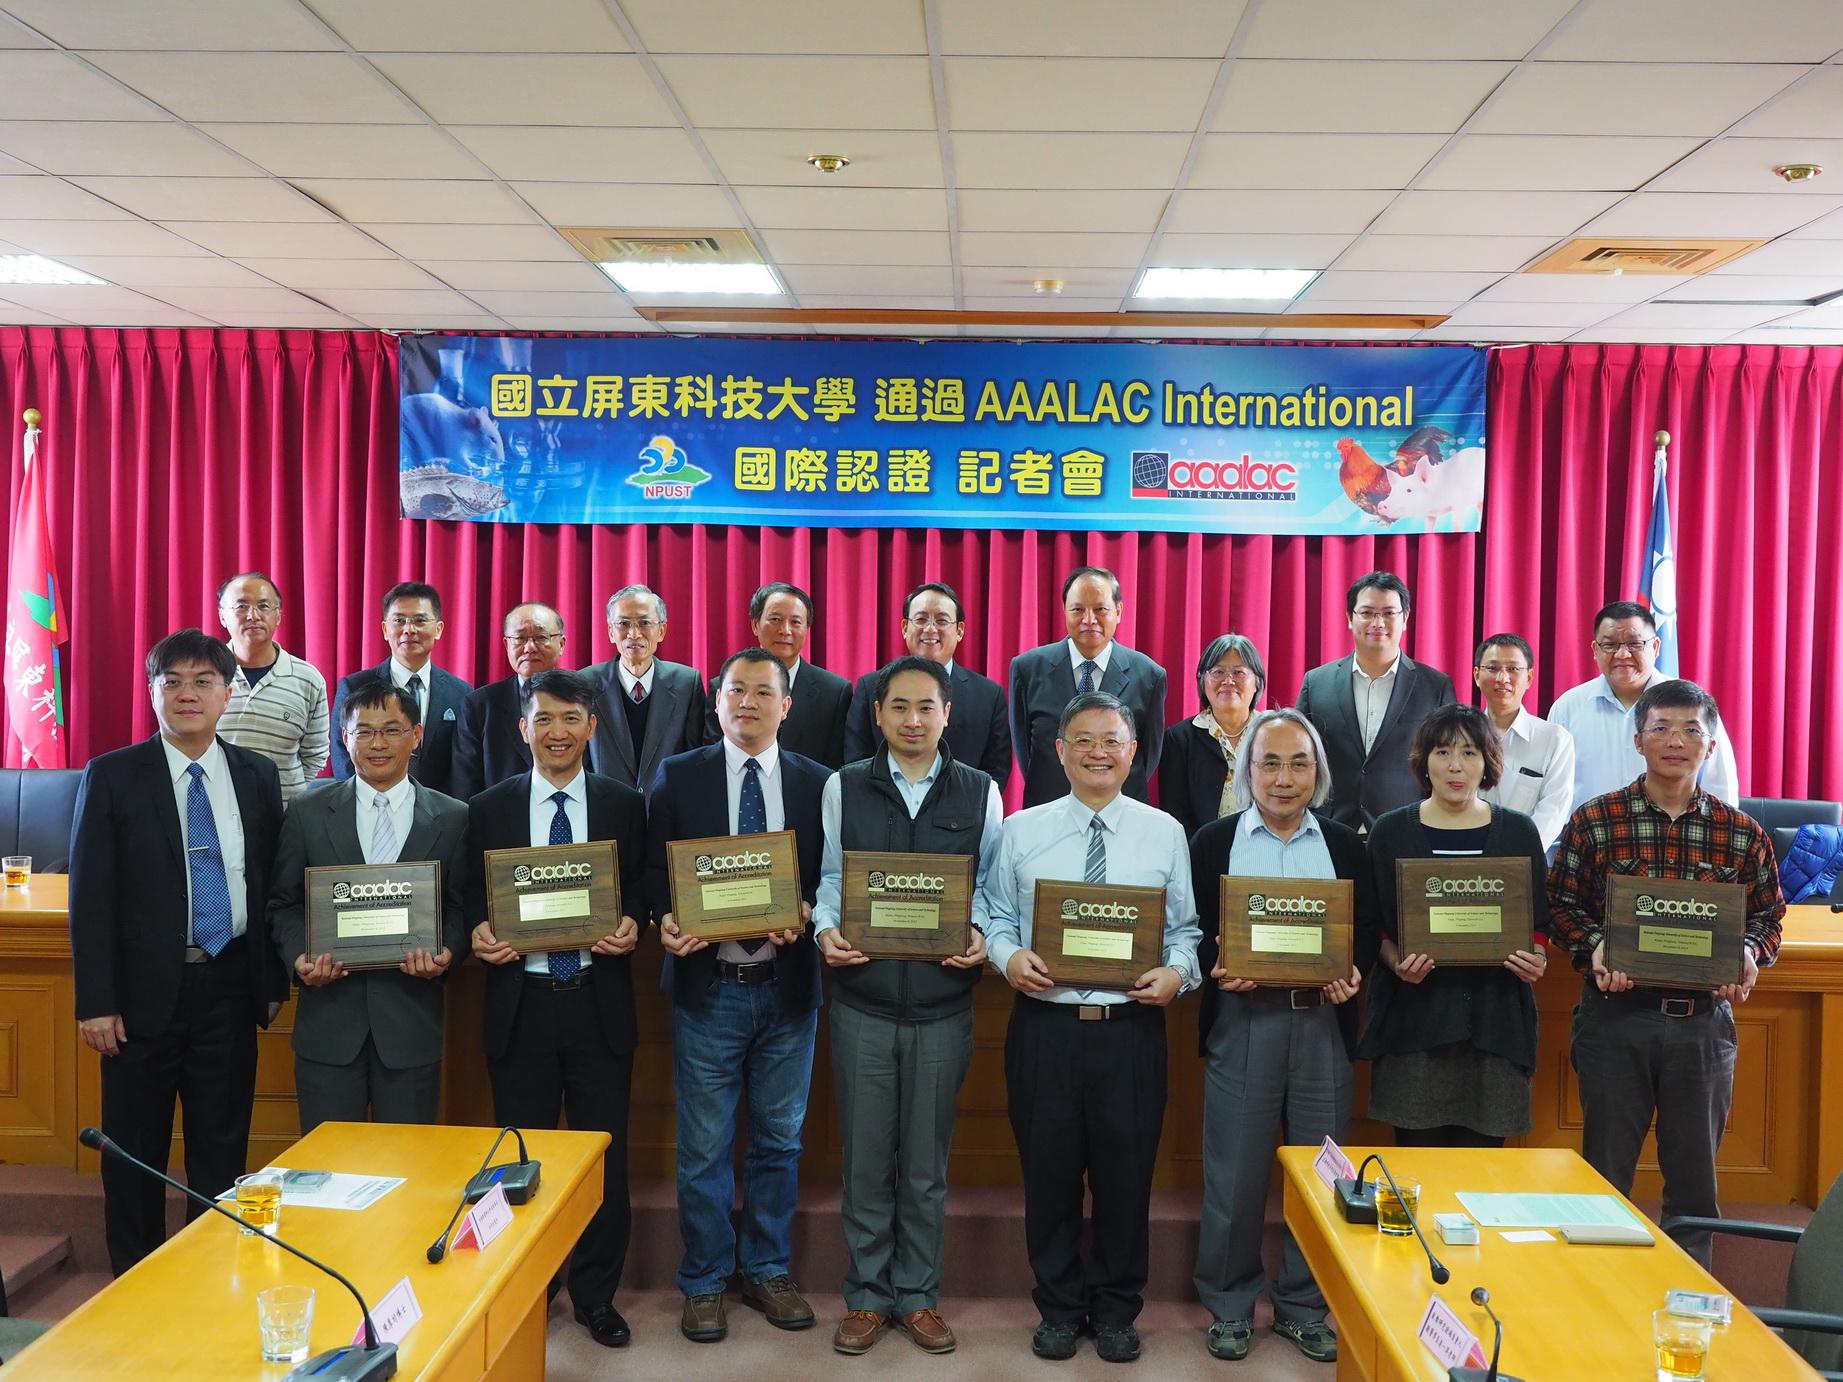 106年2月17日國立屏東科技大學  通過AAALAC International 國際認證 記者會